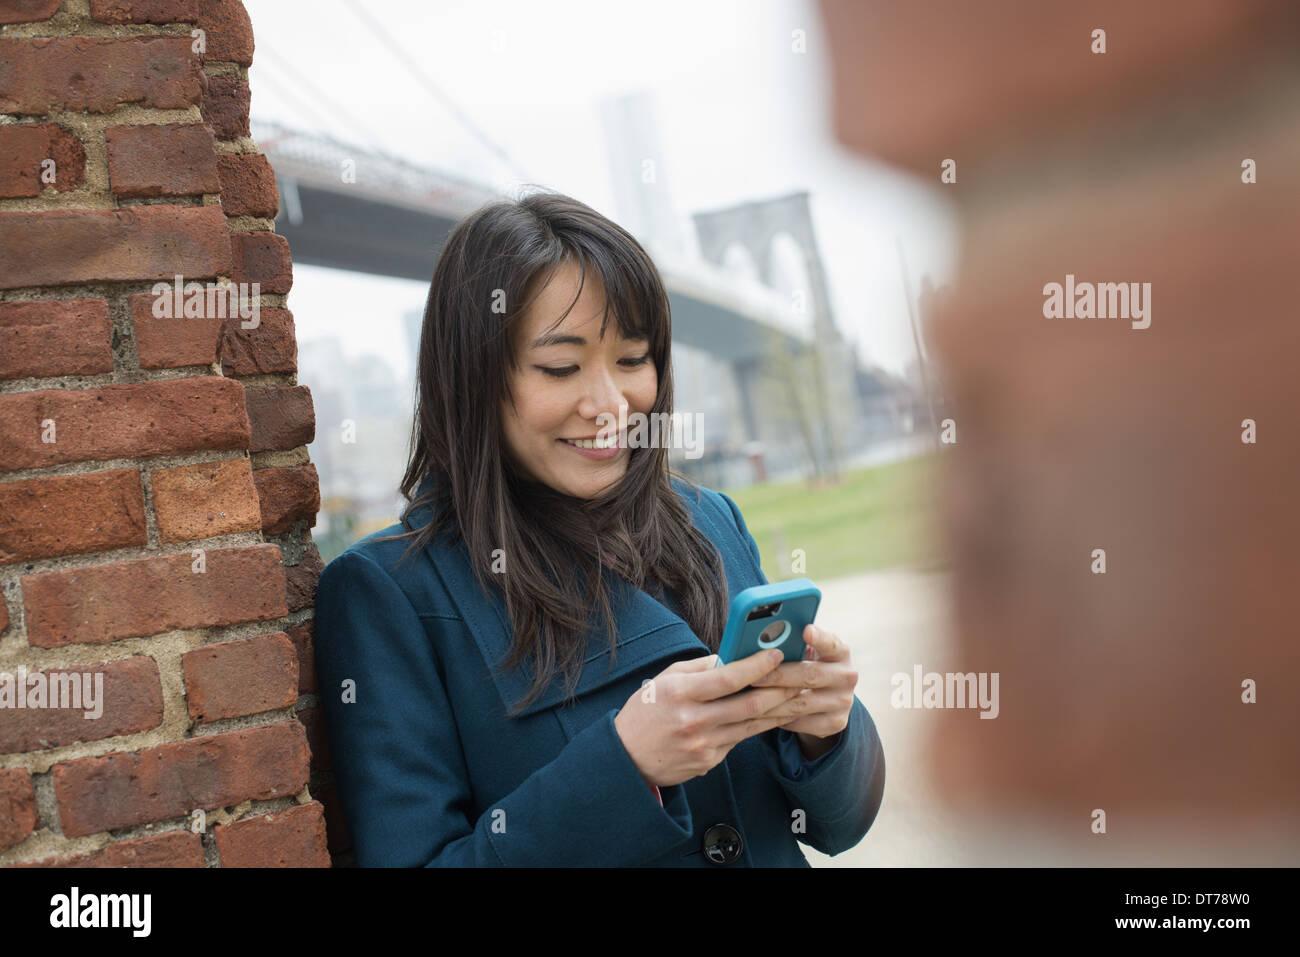 La ciudad de Nueva York. Cruce el Puente de Brooklyn sobre el East River. Una mujer recostada contra una pared de ladrillo, comprobando su teléfono. Imagen De Stock